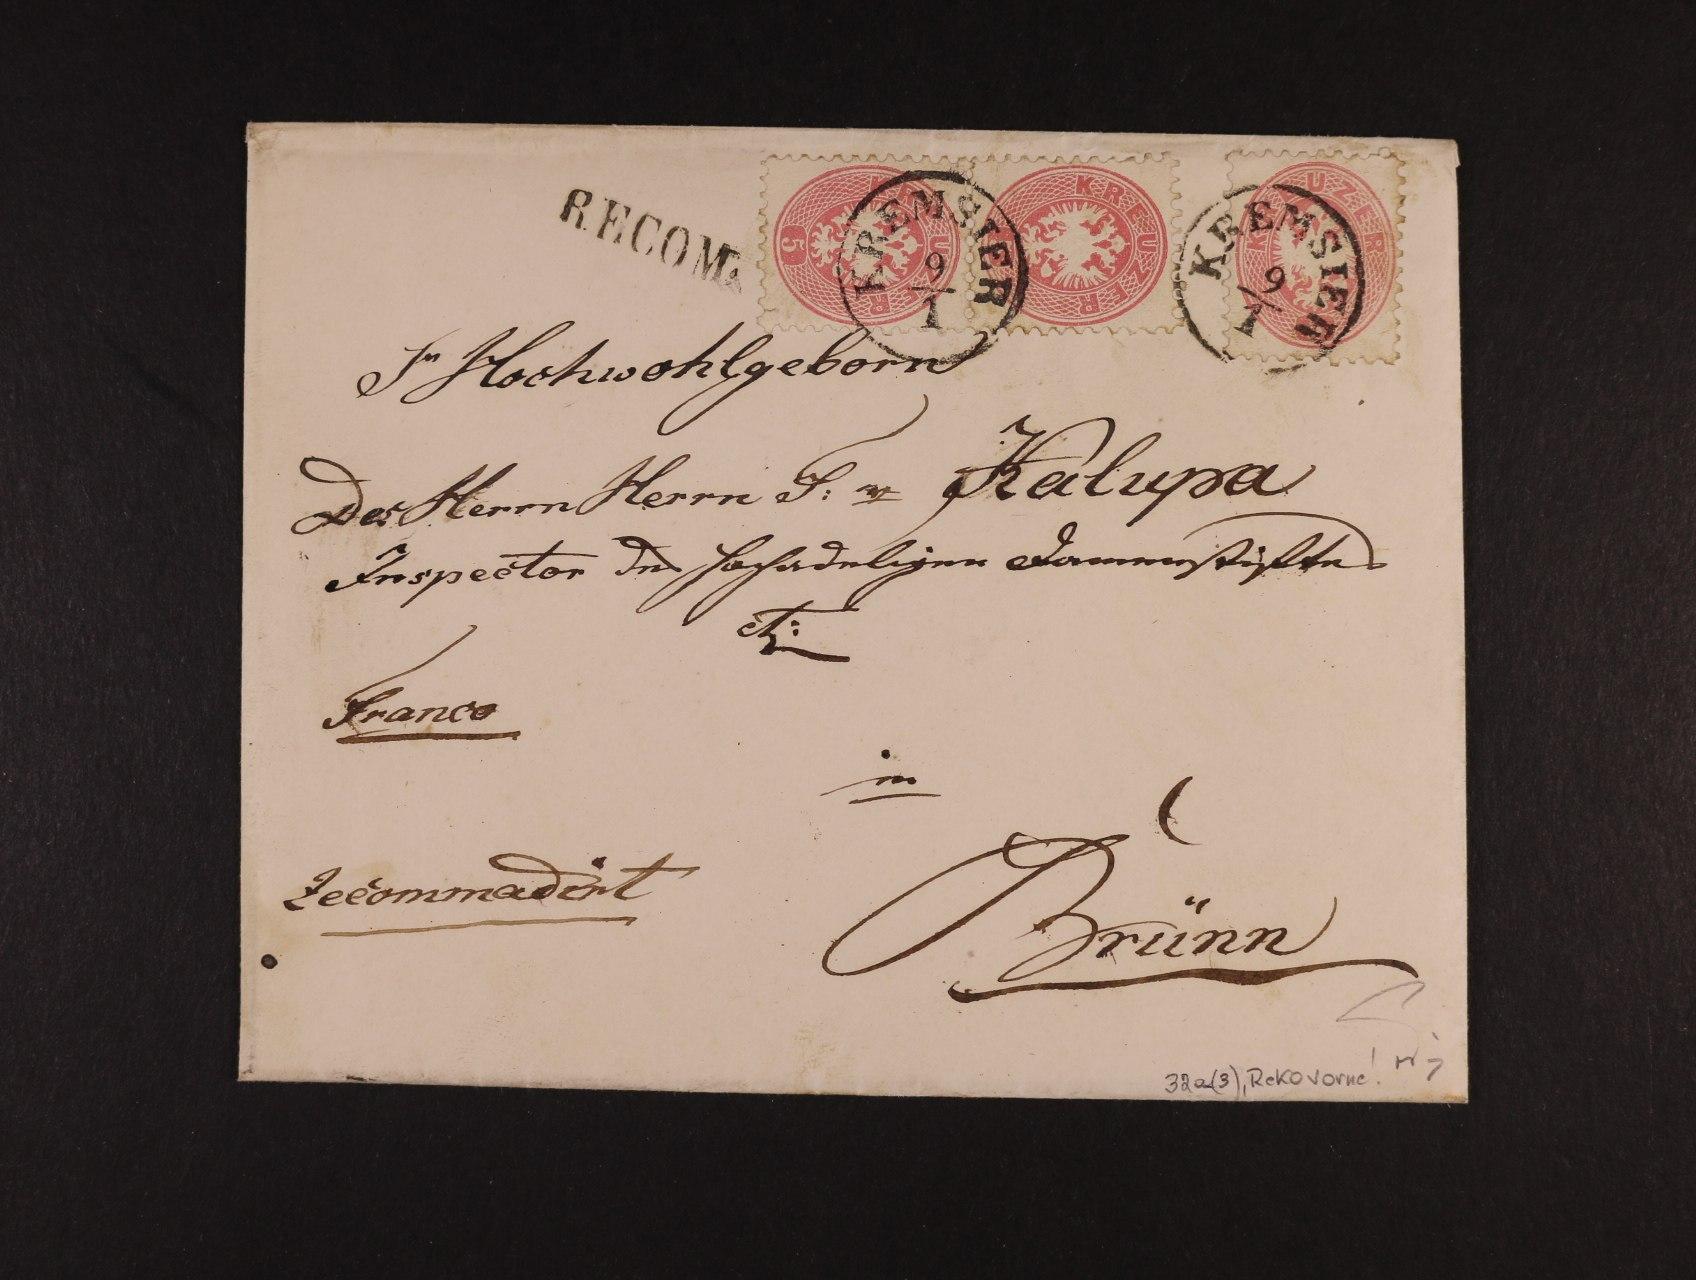 R-obálka s obsahem z r. 1866 frank. zn. Fe. č. 32a (3x na přední straně - RECO zn. na přední straně), pod. raz. KREMSIER 9.1., přídavné řádkové raz. RECOM + příchozí rámeč. raz.BRÜNN 10.1., zk. Ferchenbauer